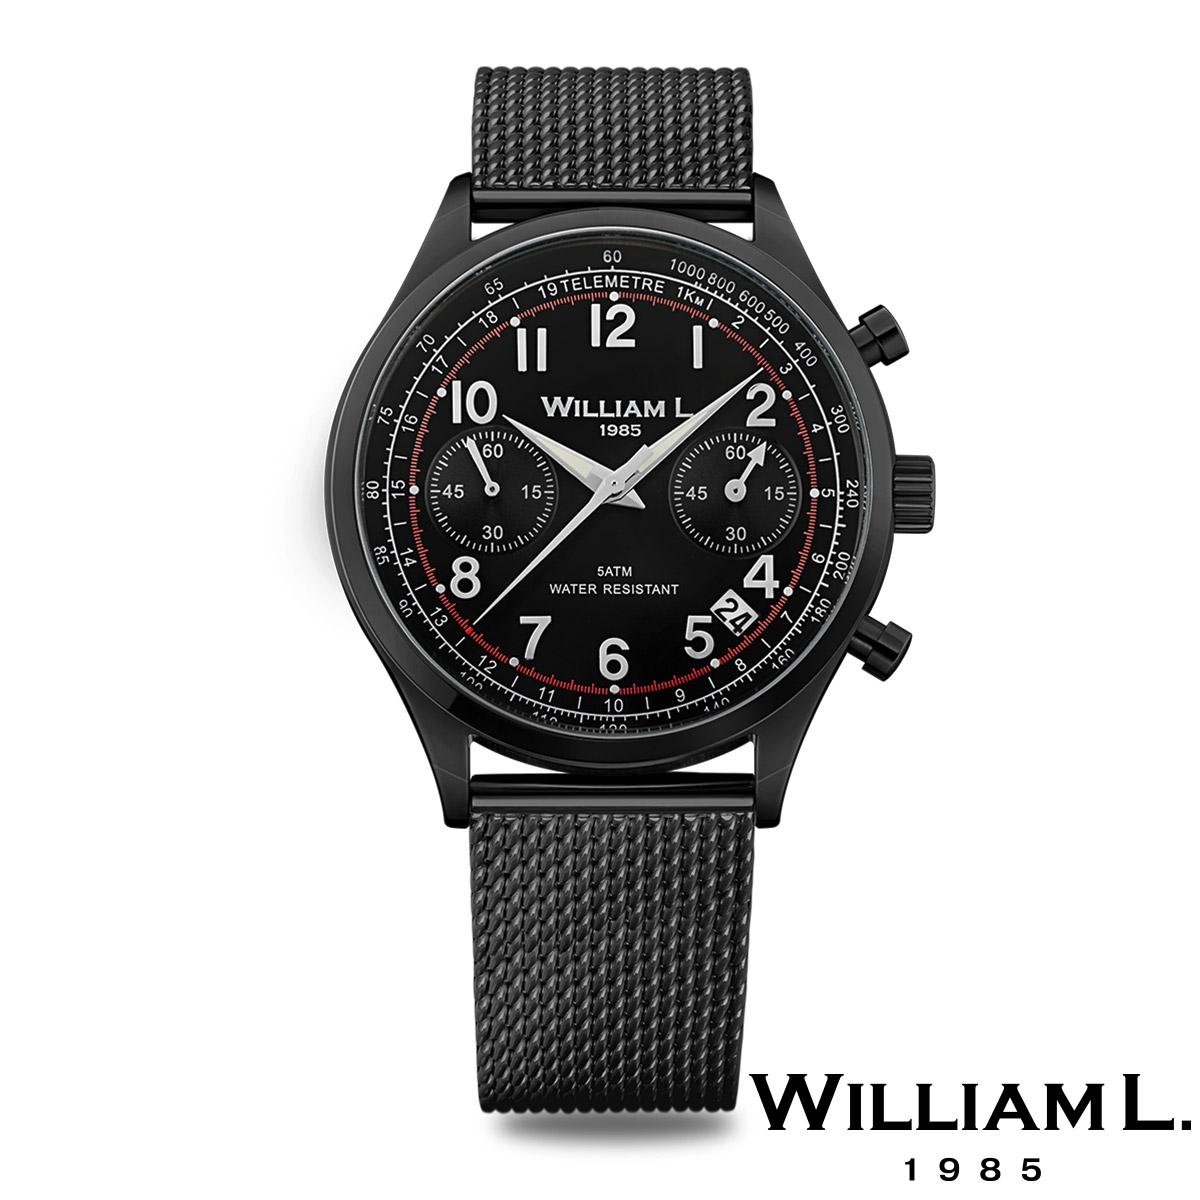 ウィリアムエル1985【WILLIAM L.1985】ヴィンテージスタイルクロノグラフ ブラック ケース ブラック ダイヤル メッシュ ブラック - ブラック / 40mm